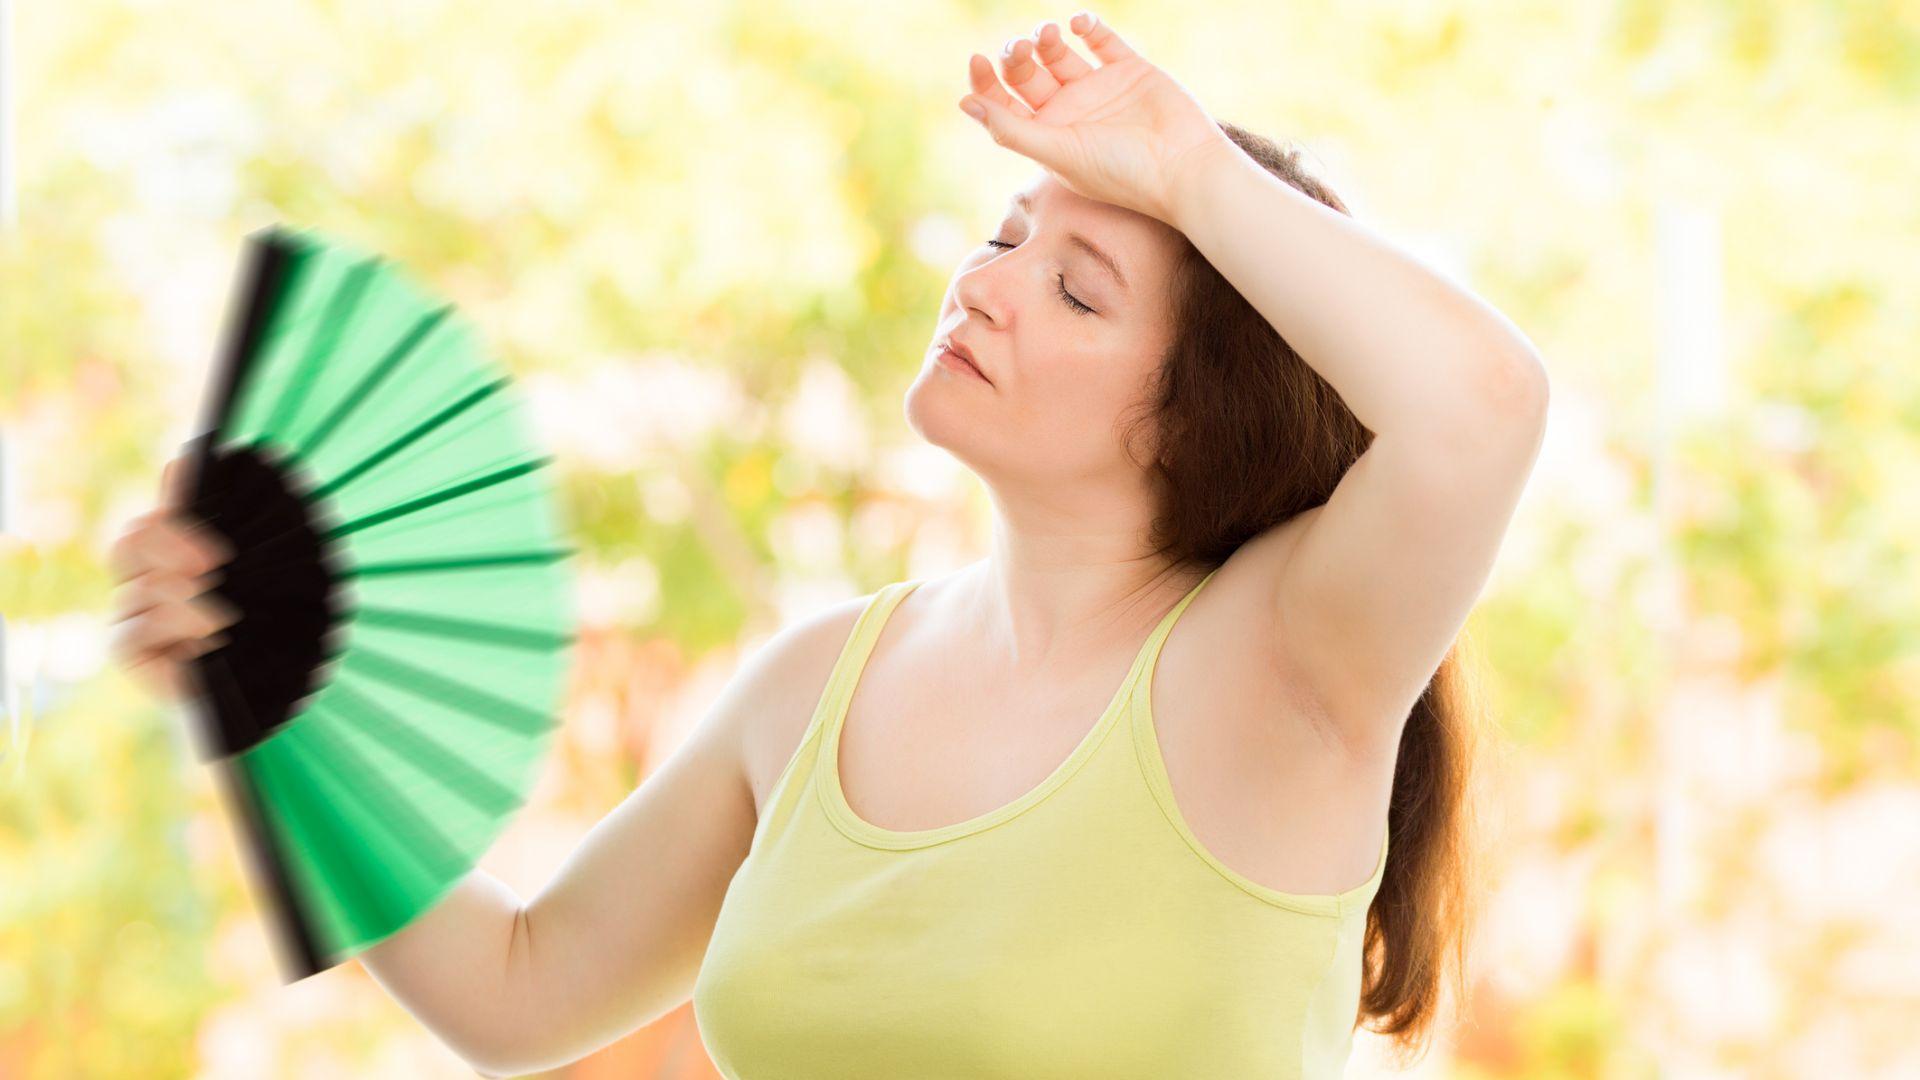 Учени предупреждават, че  няма безопасно място  срещу тежките жеги